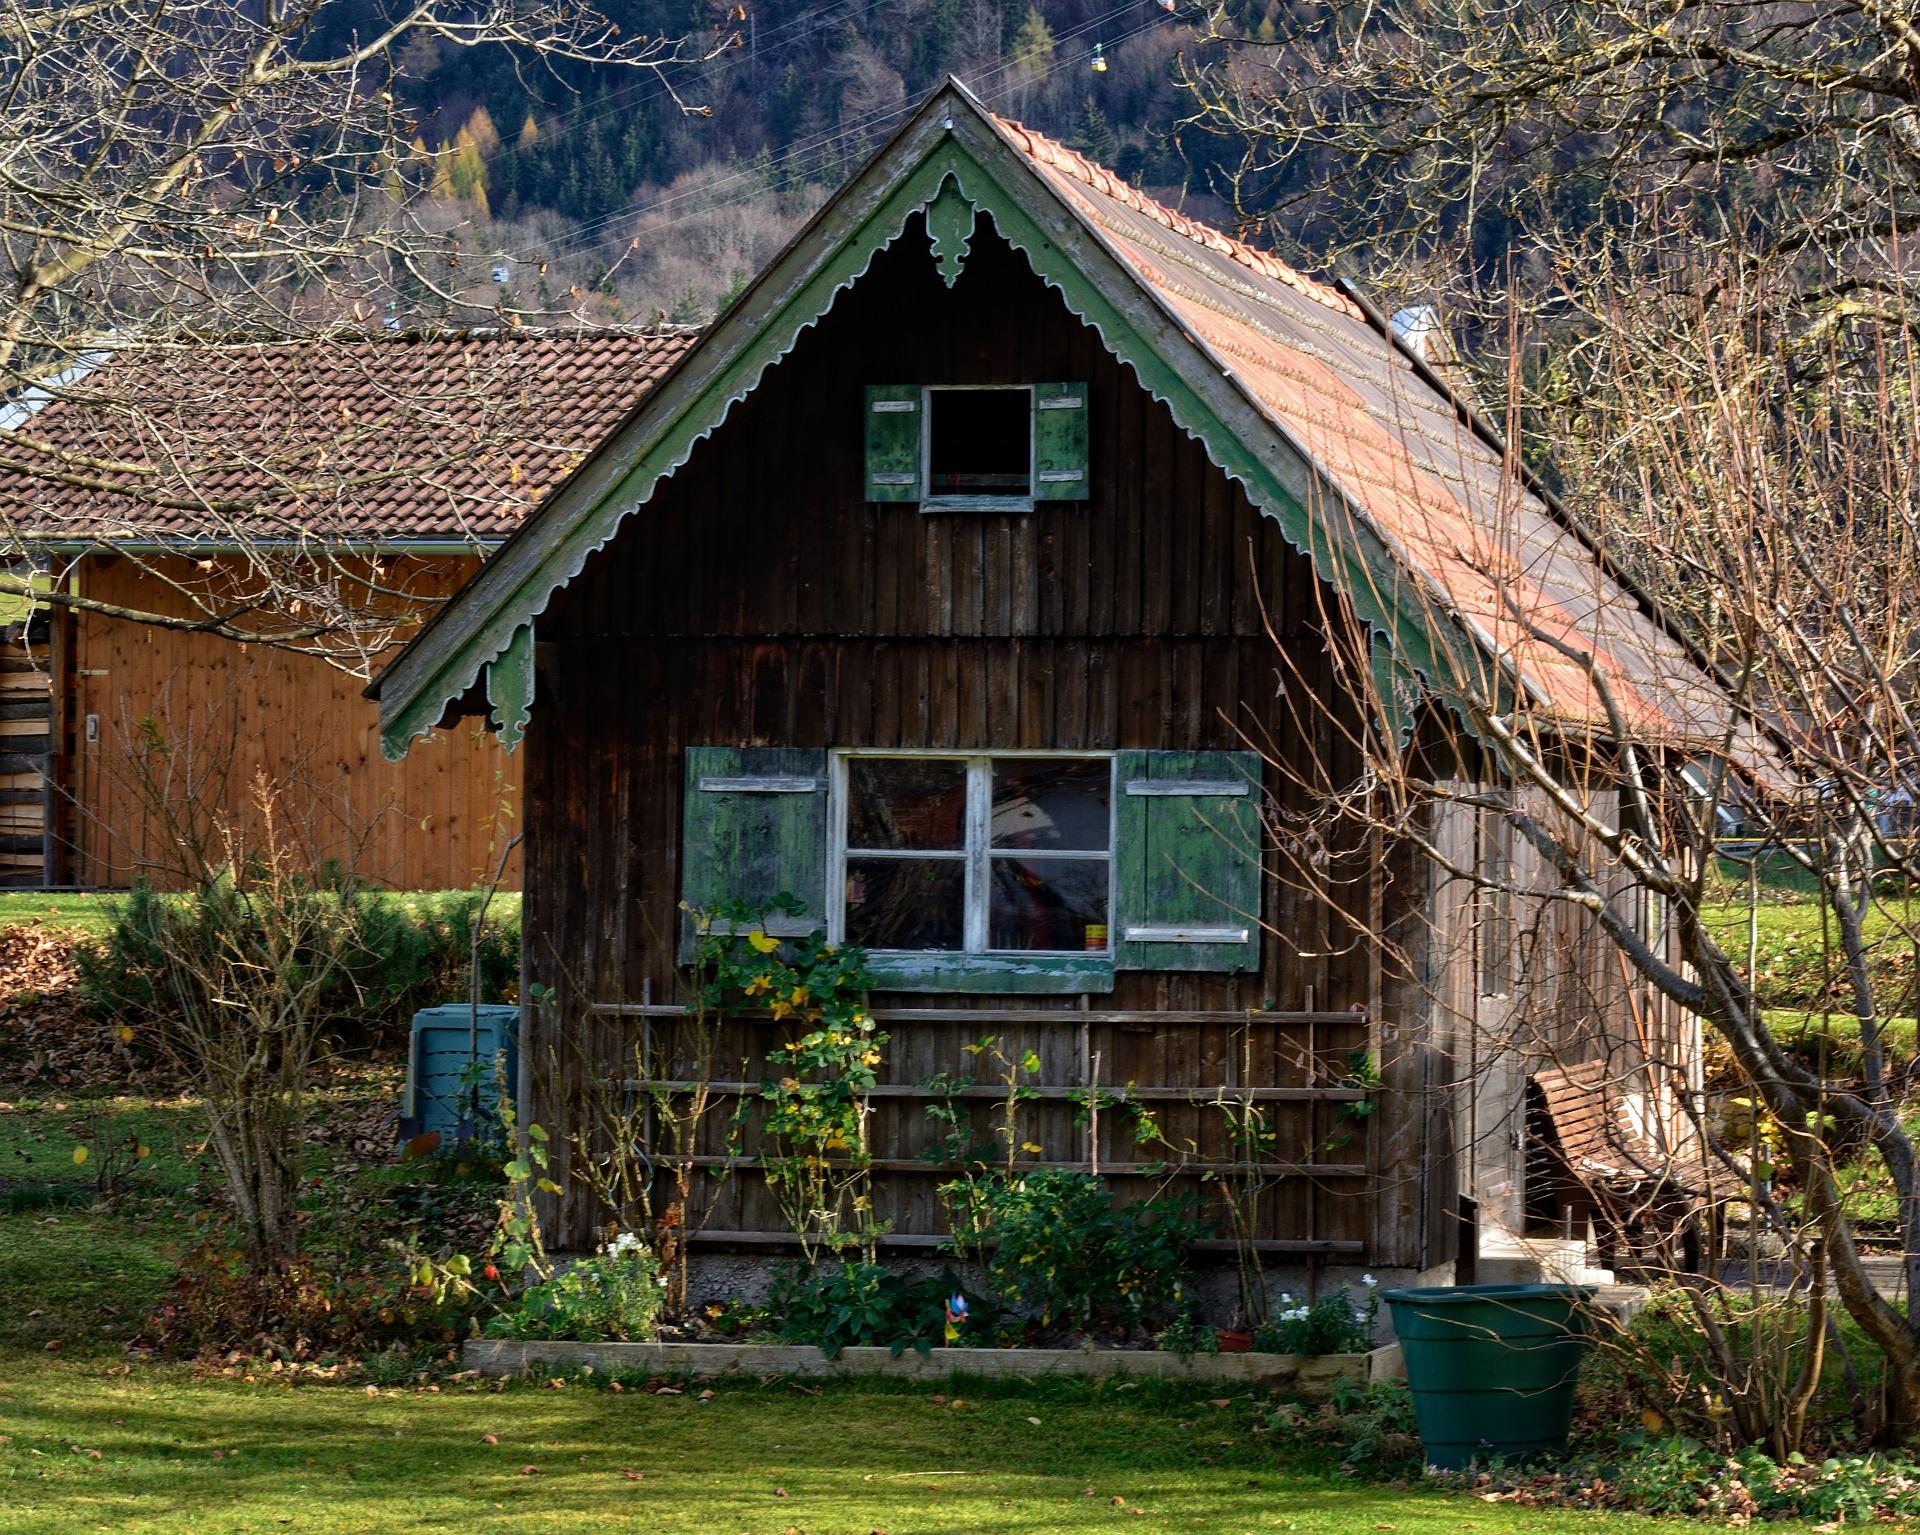 gartenhaus_fenster_klein_giebel